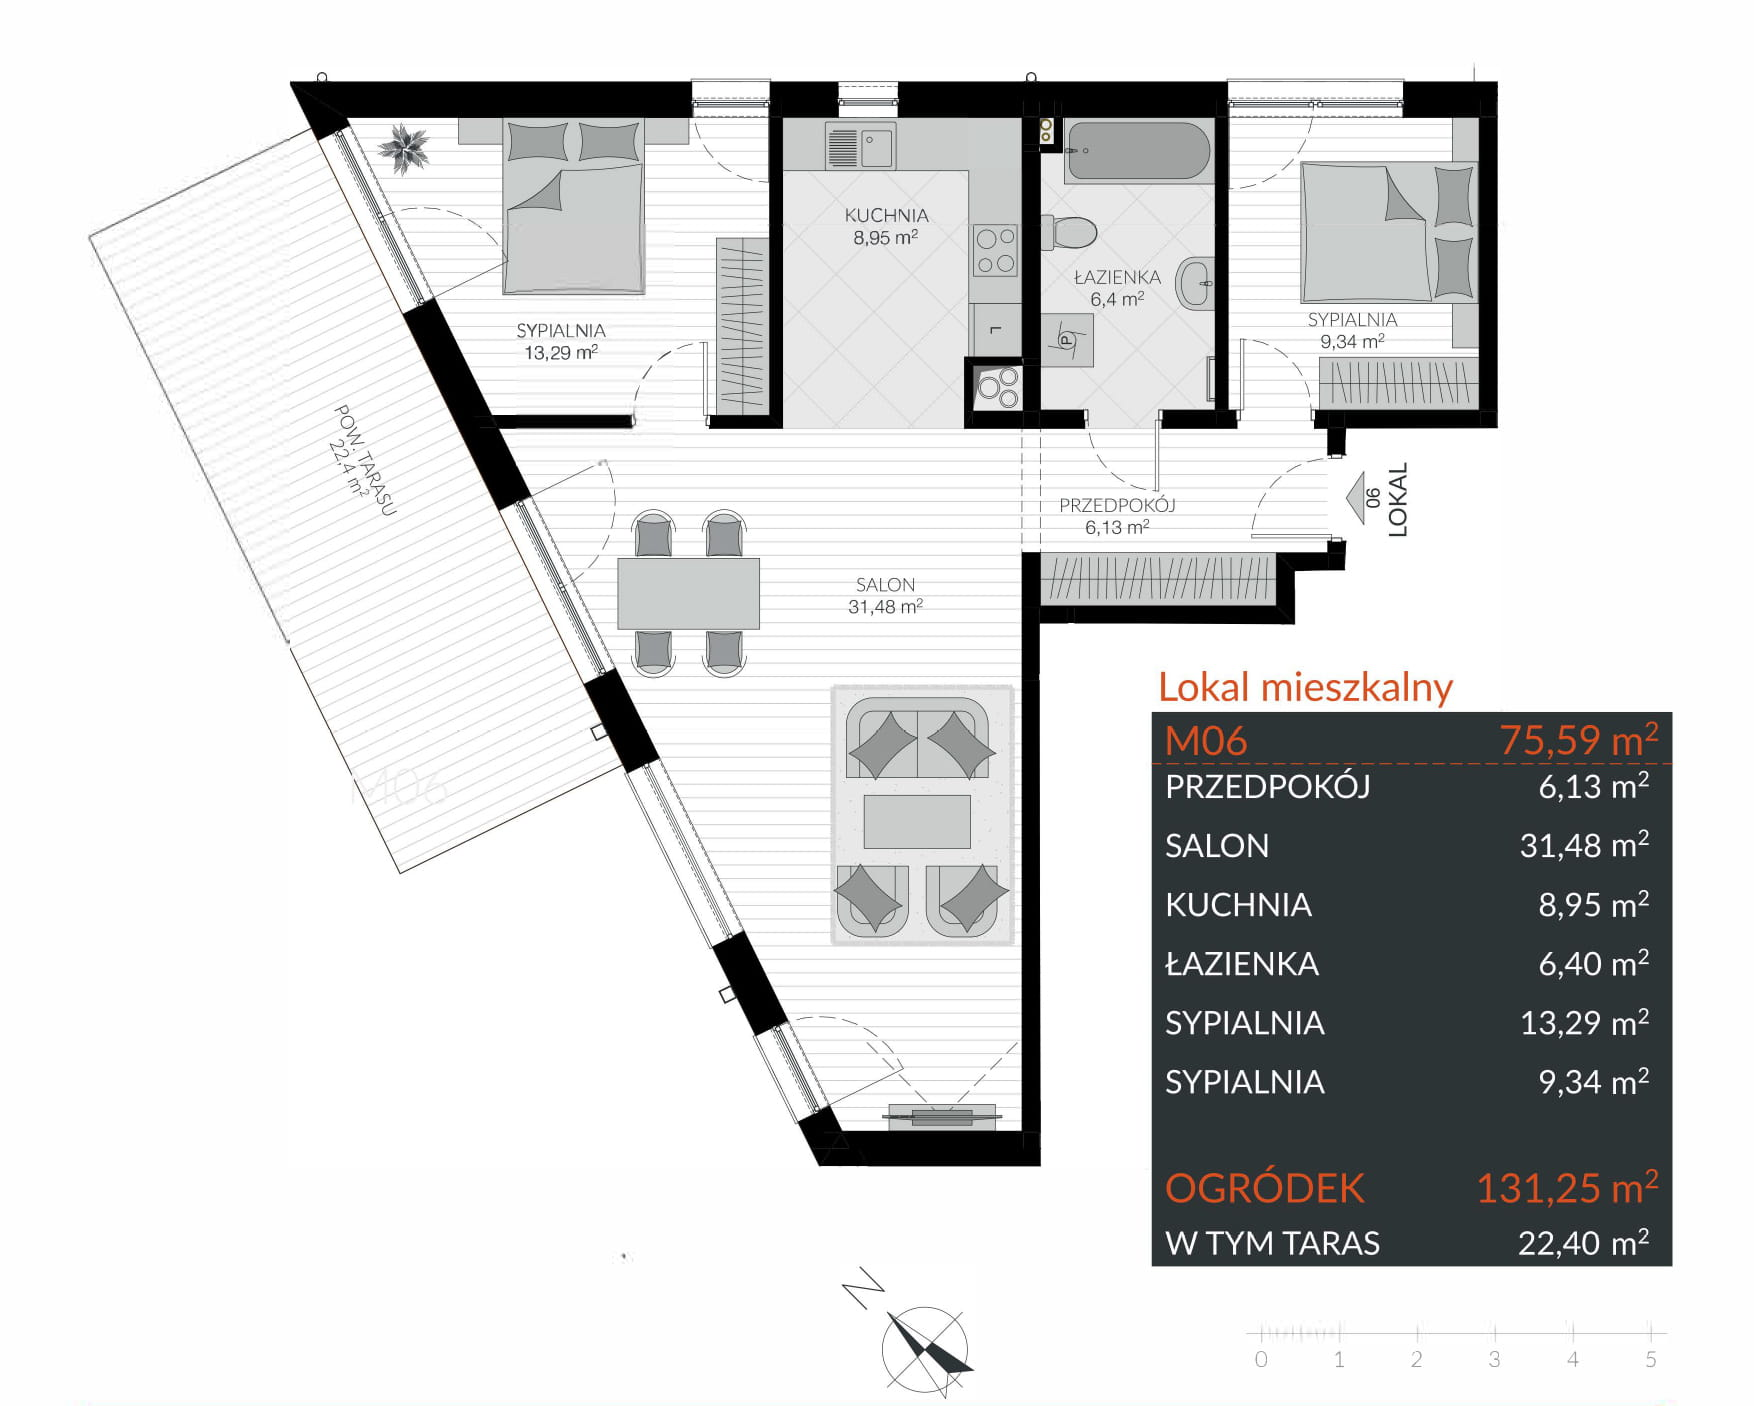 Apartamenty Kamienna / apartamenty inwestycyjne M06 rzut 1